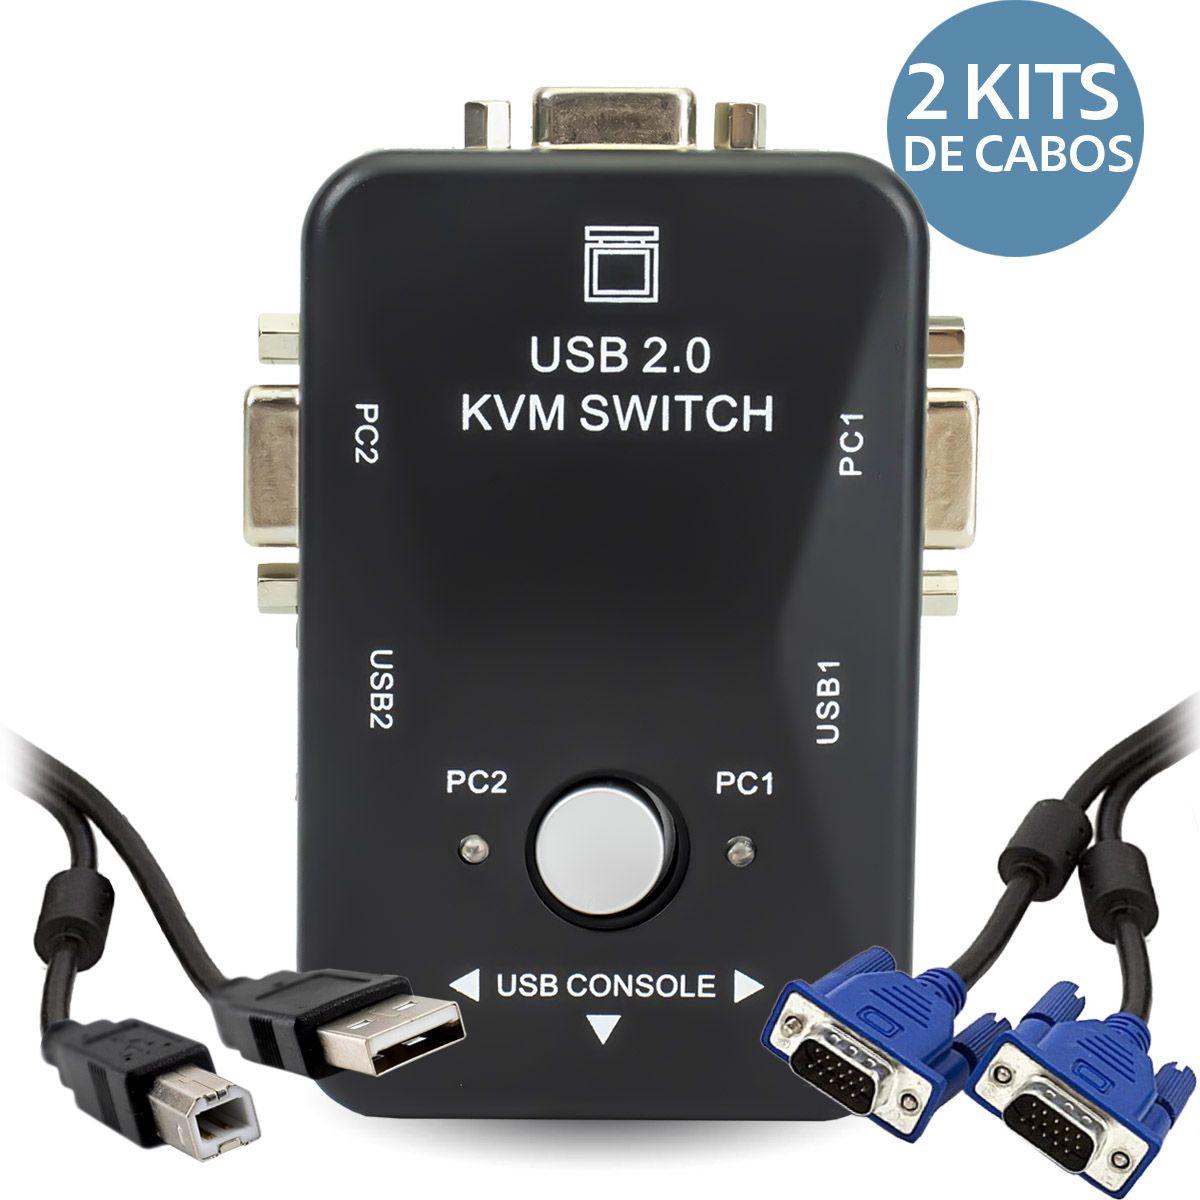 KIT Chaveador Switch KVM 2 Portas USB KVM21UA + 2 Cabos USB AB + 2 Cabos VGA